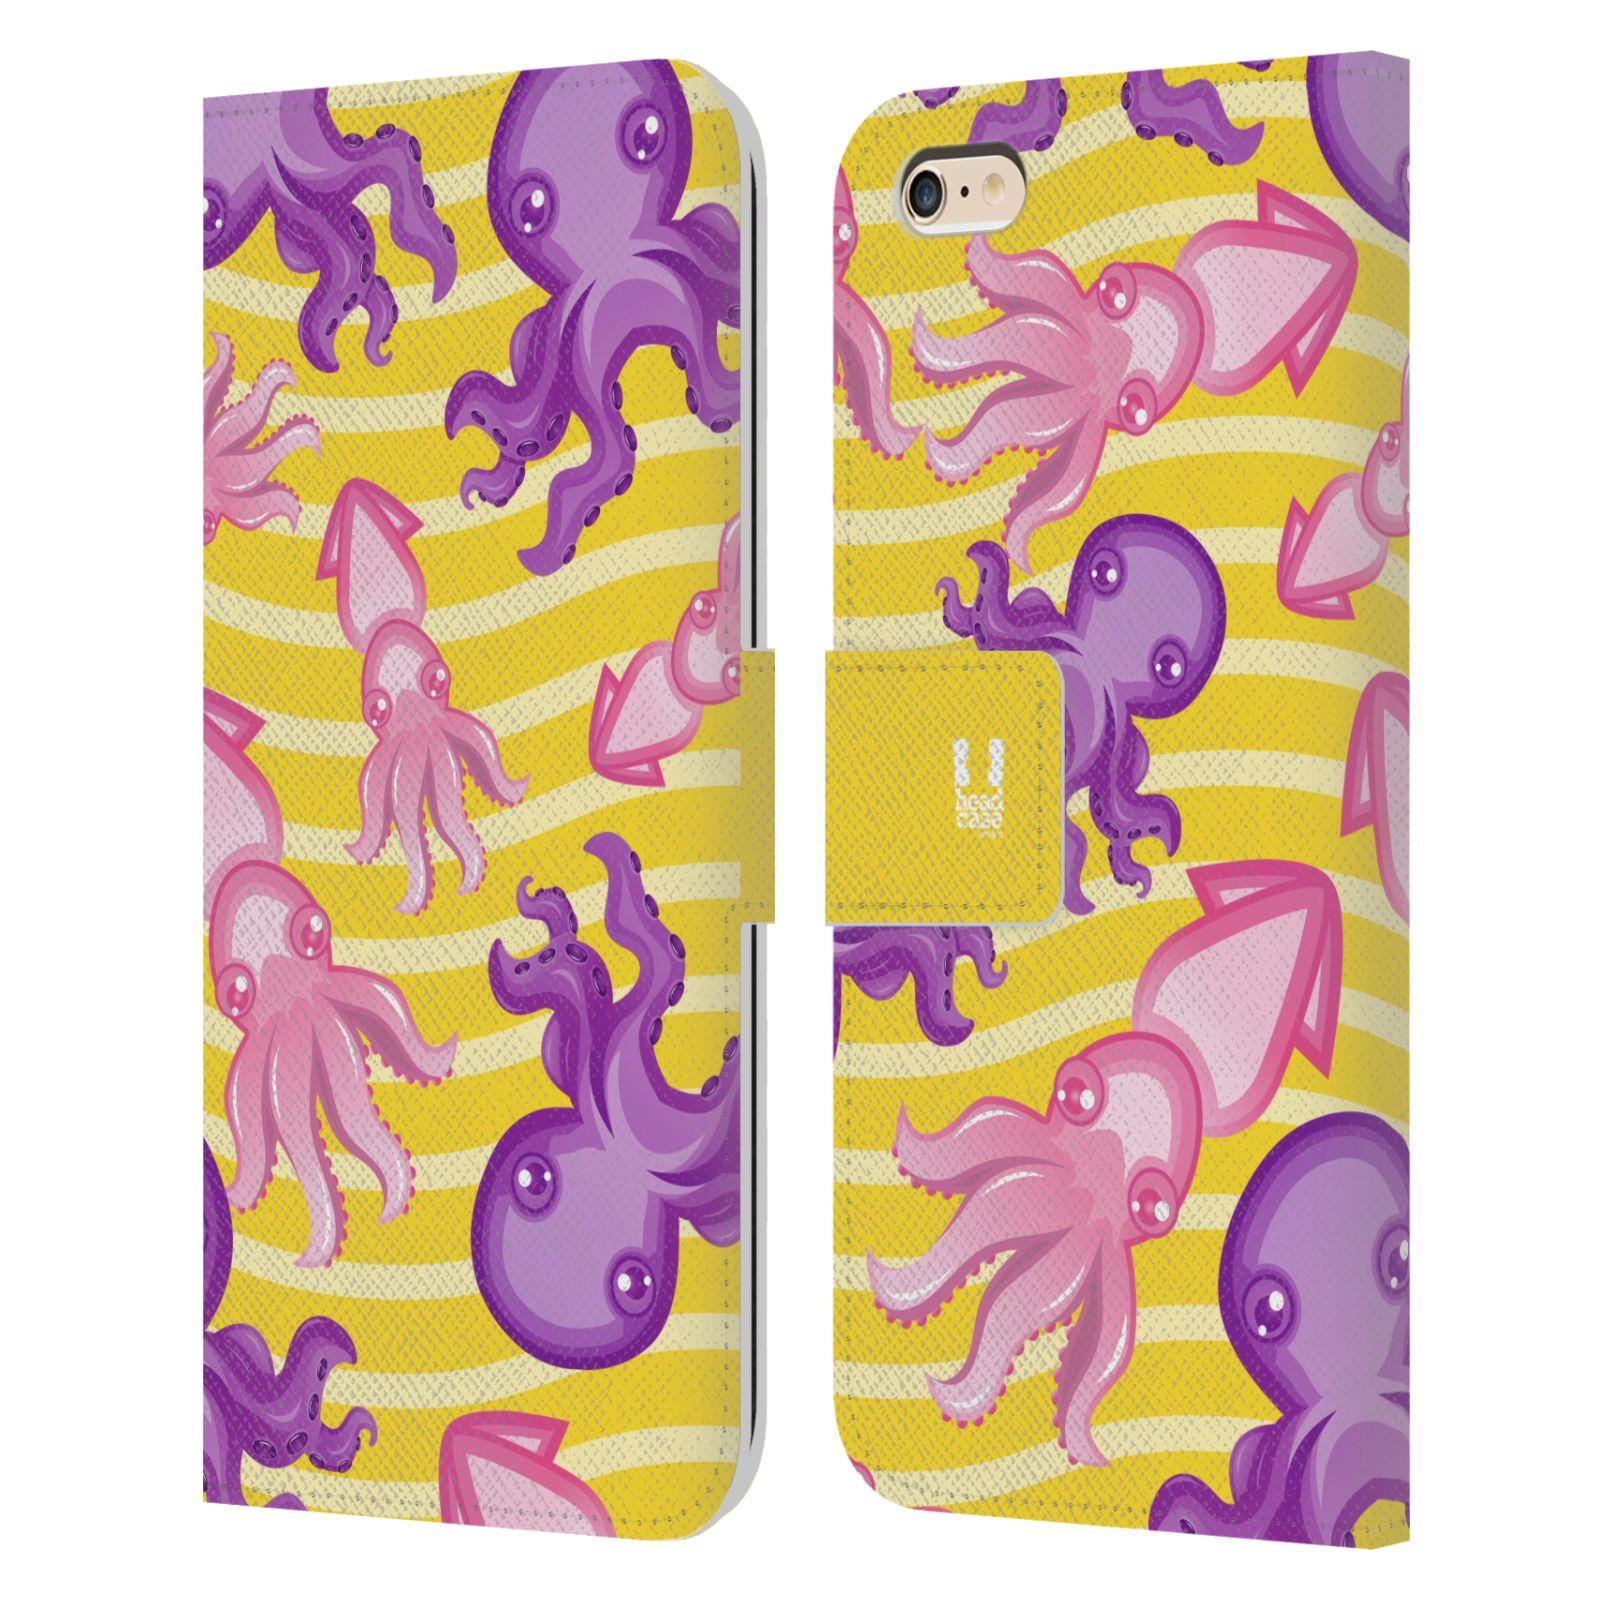 HEAD CASE Flipové pouzdro pro mobil Apple Iphone 6 PLUS / 6S PLUS Mořský živočich chobotnice a krakatice žlutá barva